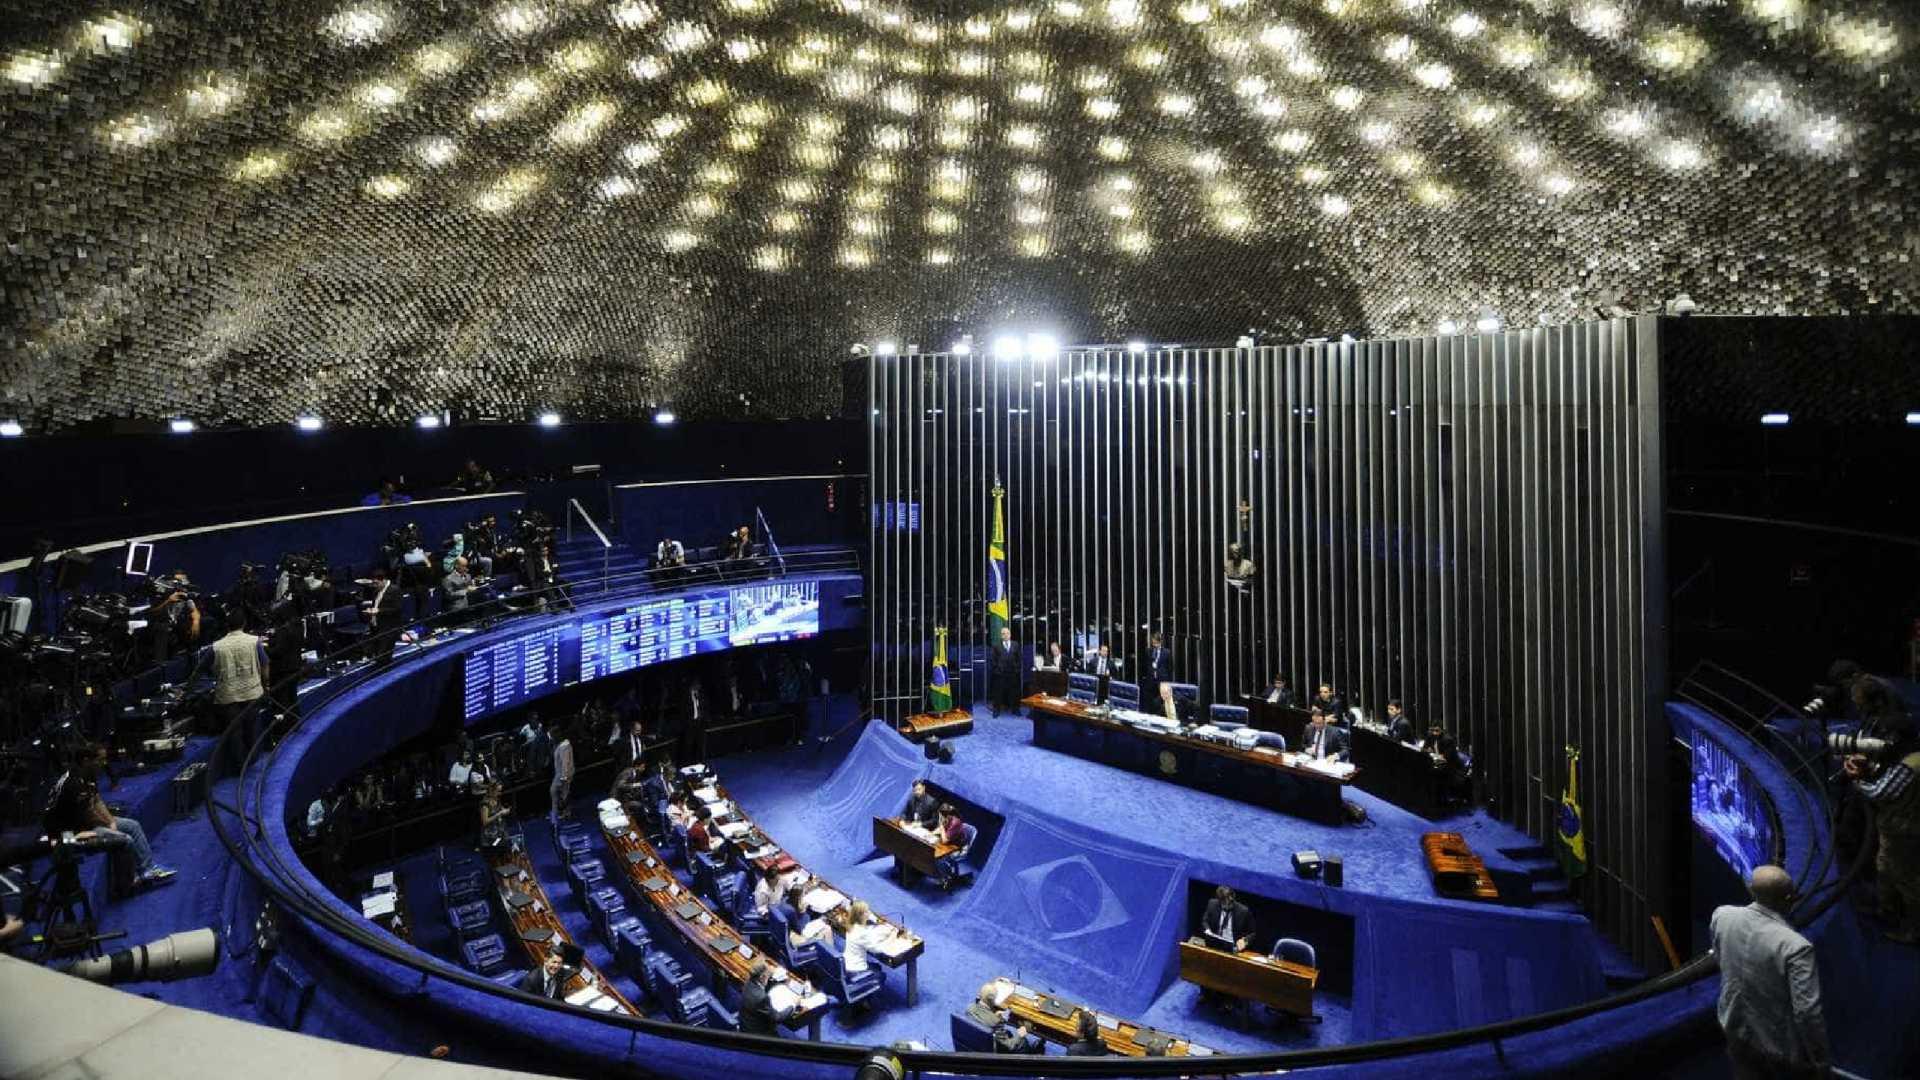 naom 57c29e707ae06 - Senado gasta R$ 32 milhões em mesadas para filhas solteiras